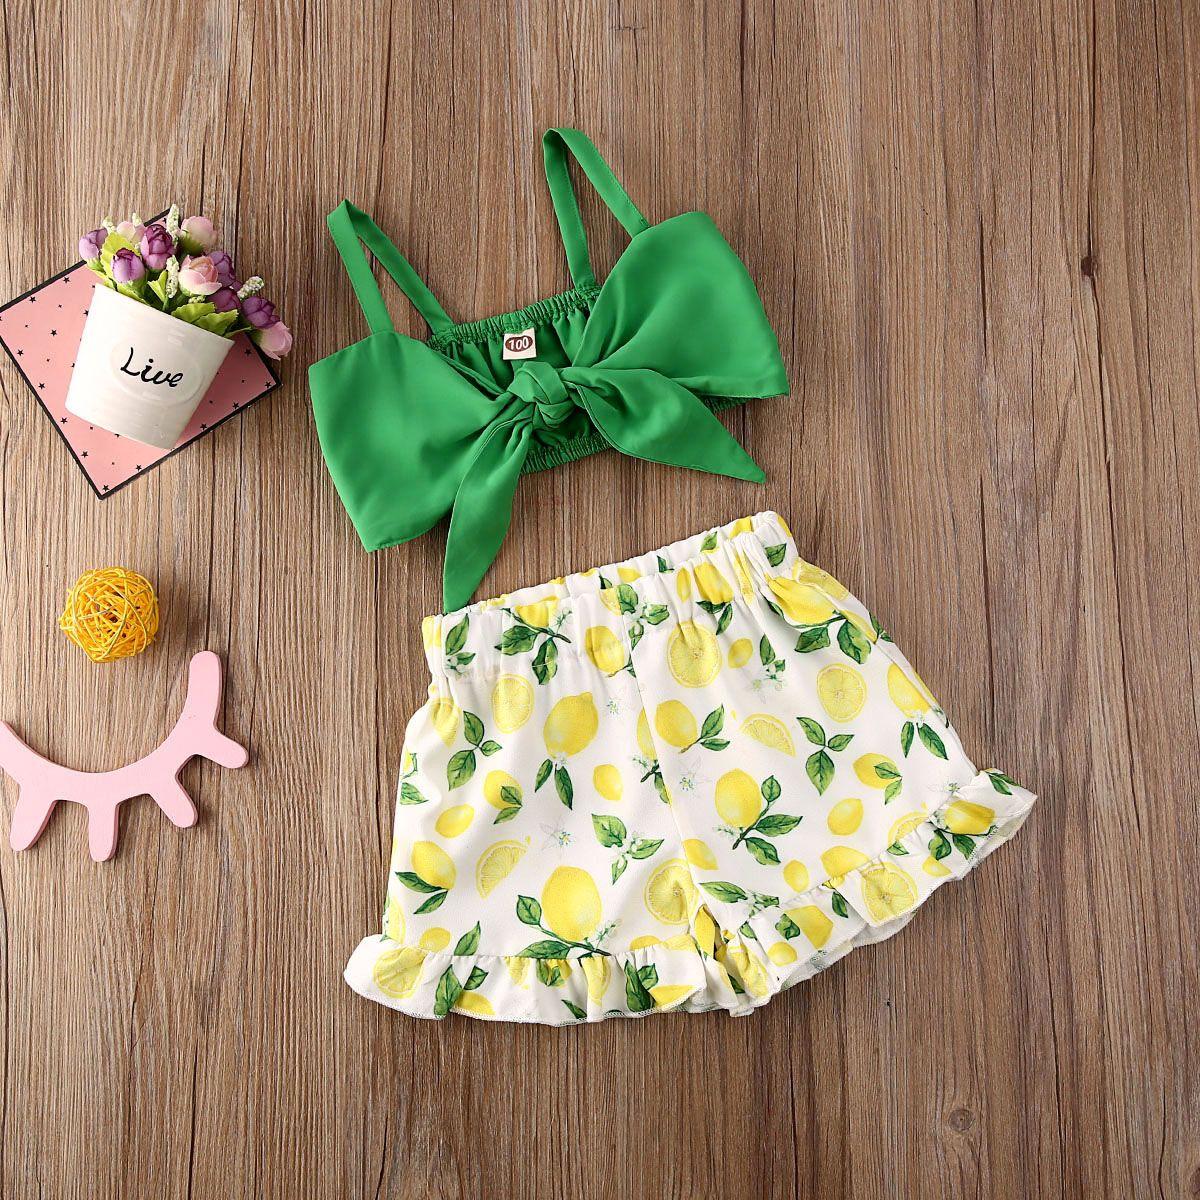 1-5Y Infant Baby Girls Clothes Sets Bowknot Vest Tops Leomen Print Shorts Pants Trousers Outfits Clothes 2PCS